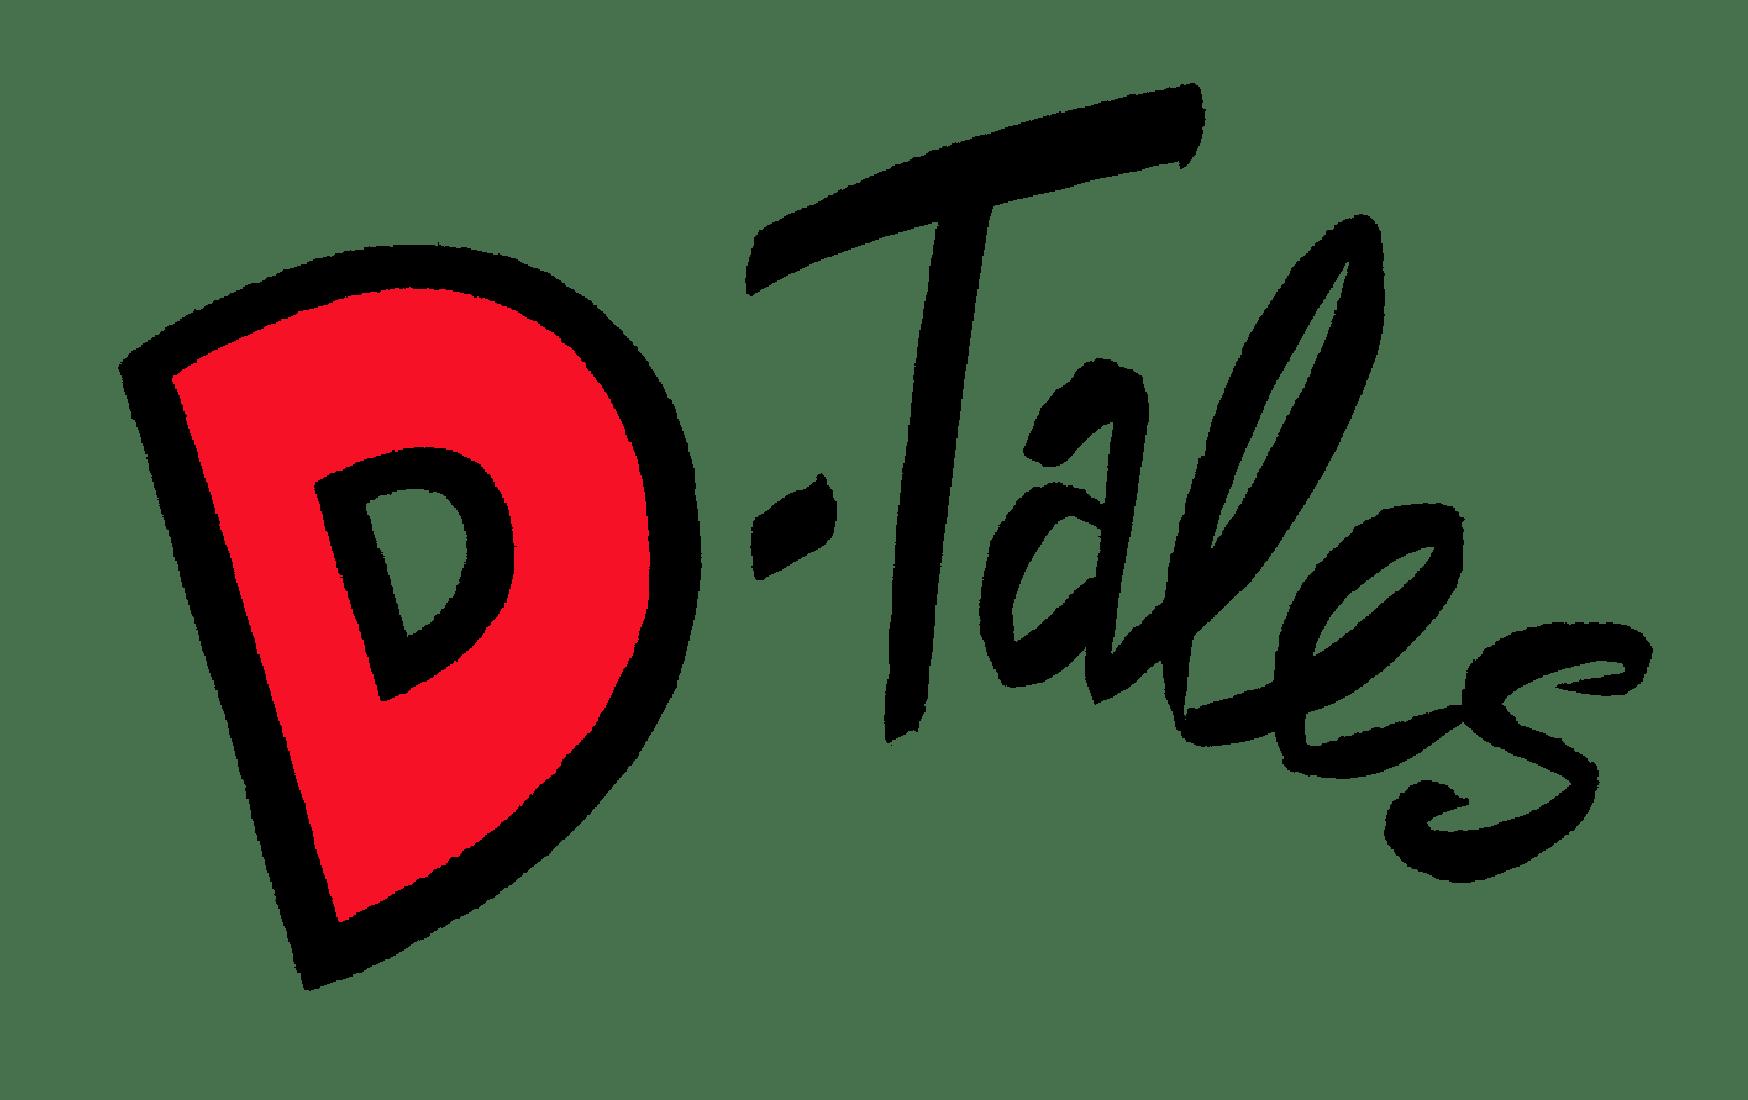 D-Tales logo in tekst